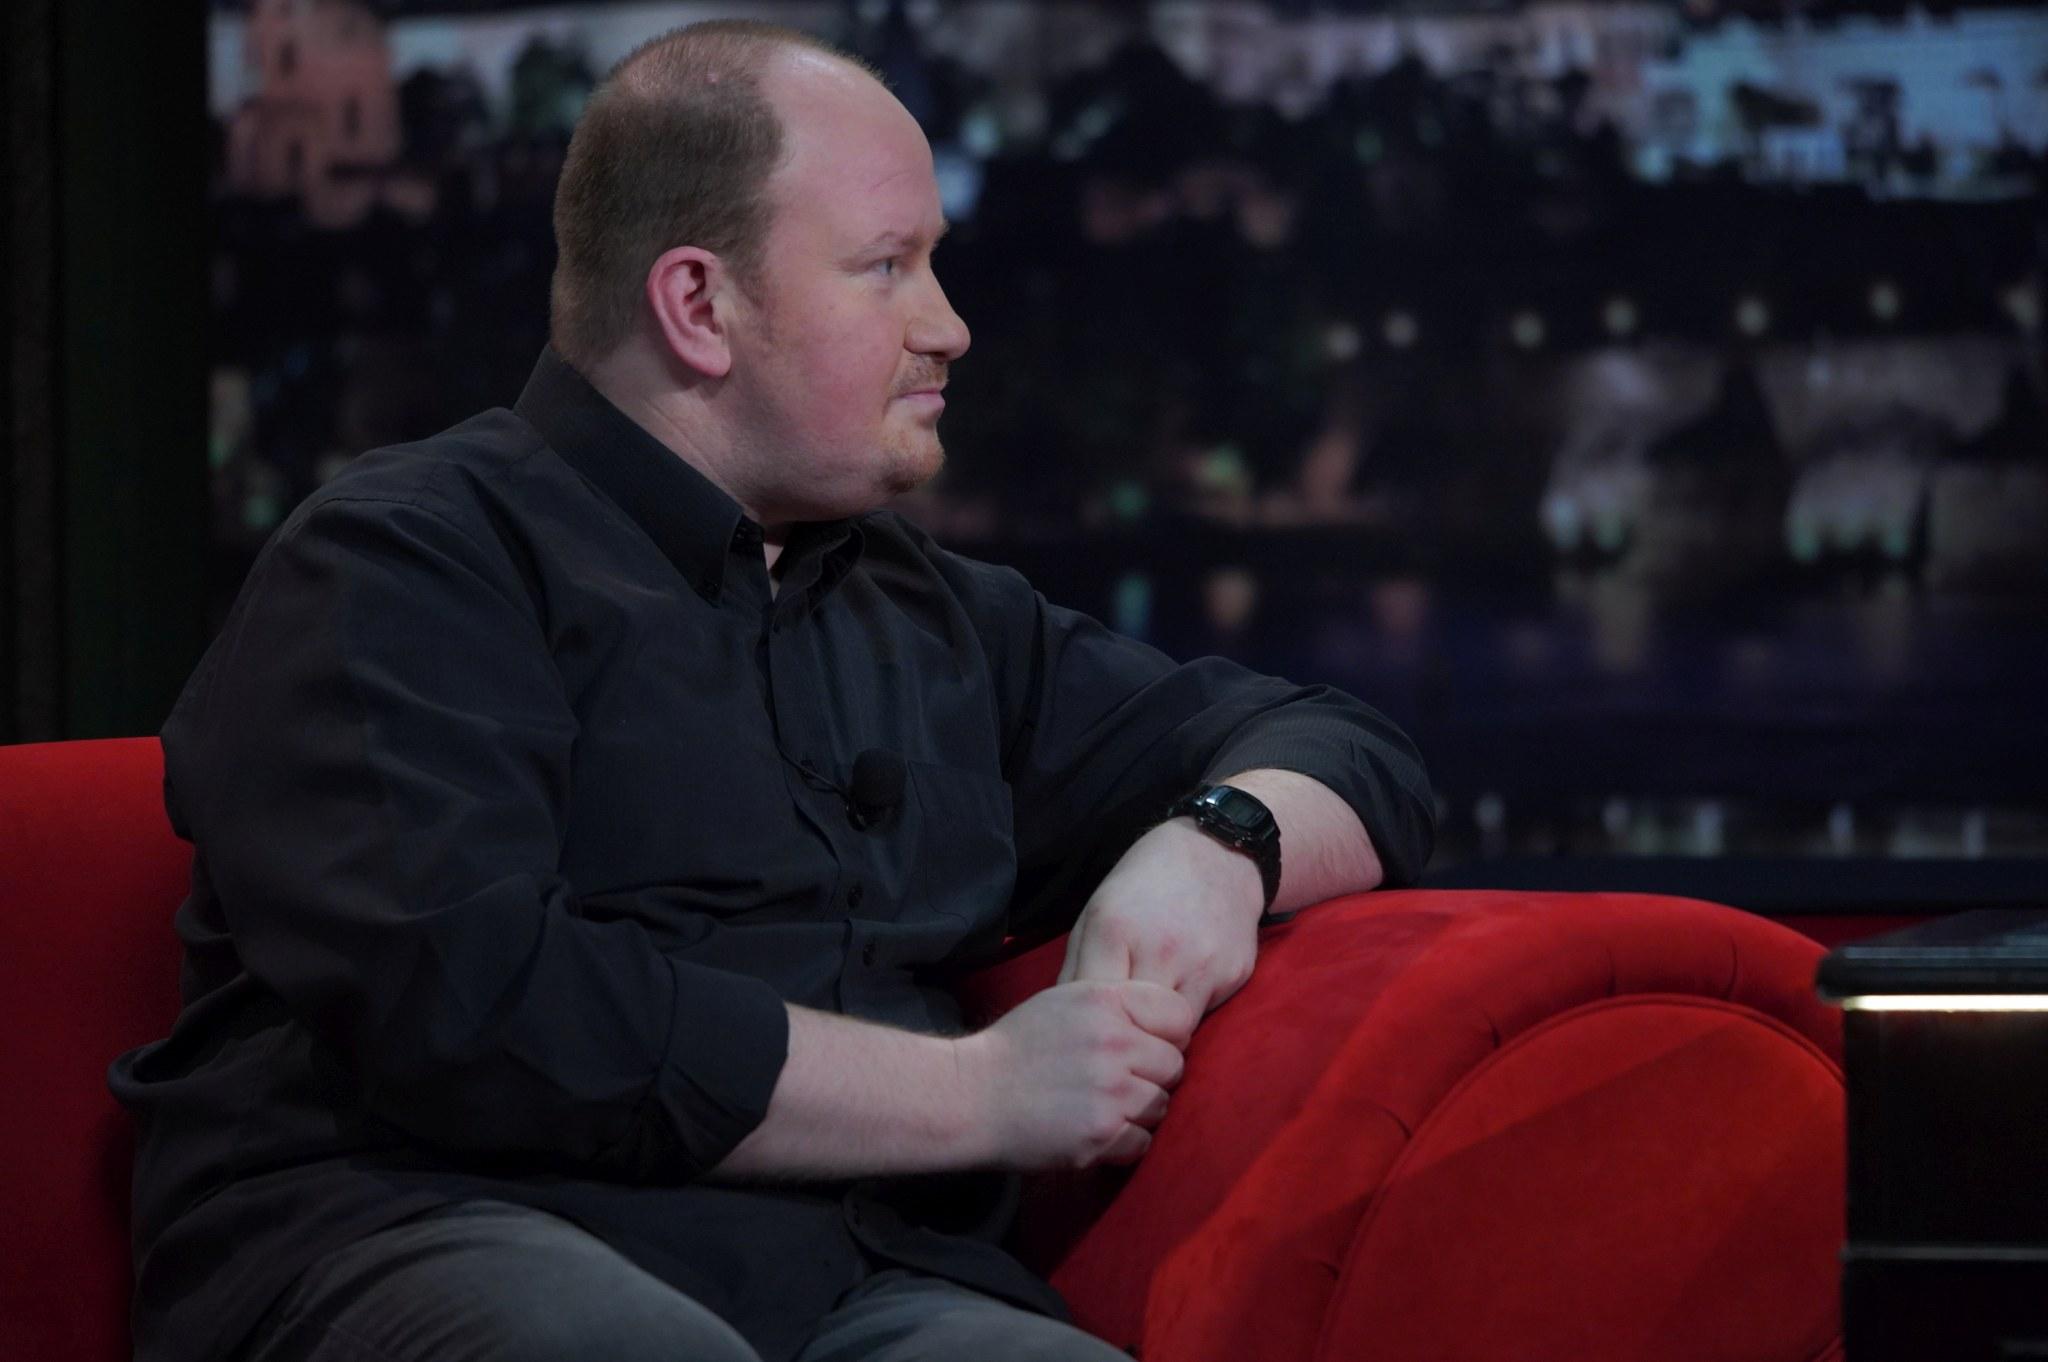 Historik, odborník na britskou královskou rodinu, Kamil Rodan v SJK 24. 3. 2021